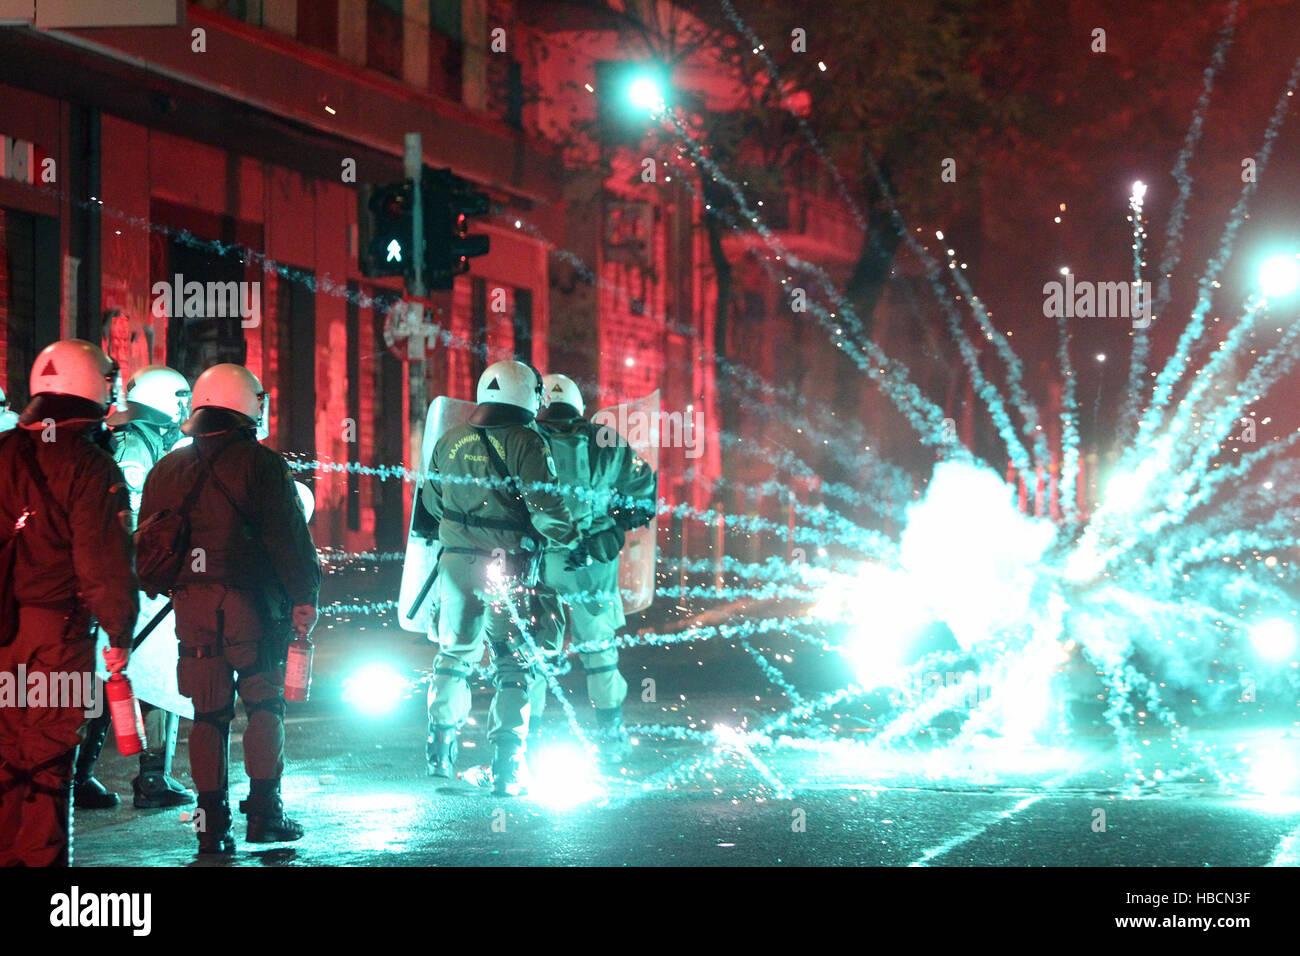 Athènes, Grèce. 6 Décembre, 2016. Des manifestants grecs se heurtent à la police pendant un Photo Stock